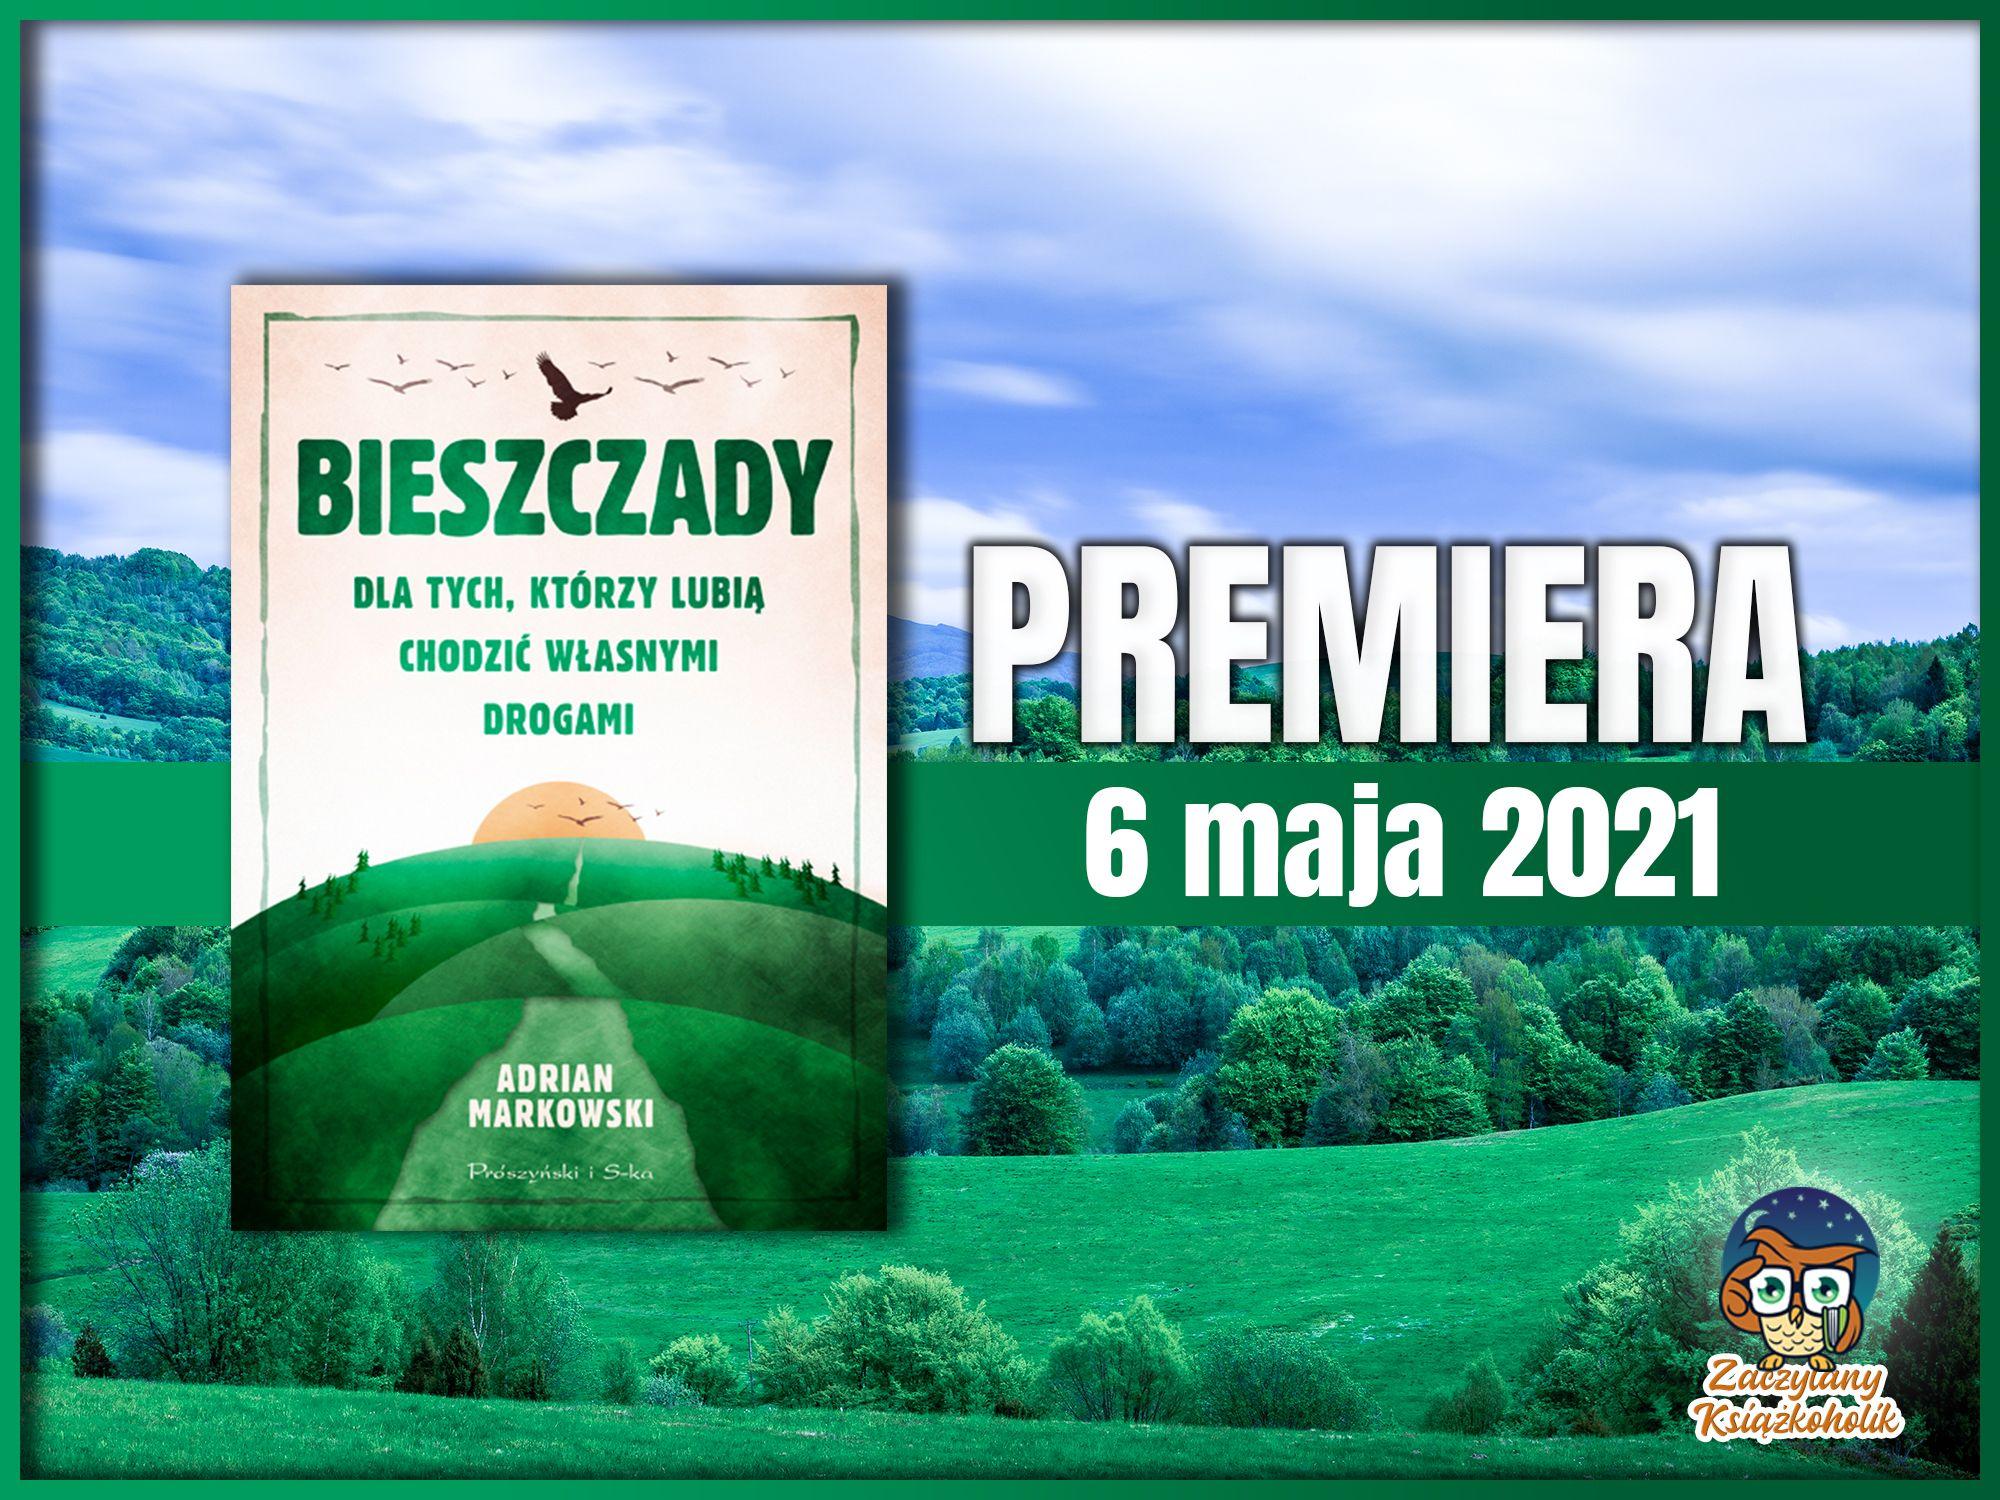 Bieszczady. Dla tych, którzy lubią chodzić własnymi drogami, Adrian Markowski, zaczytanyksiazkoholik.pl